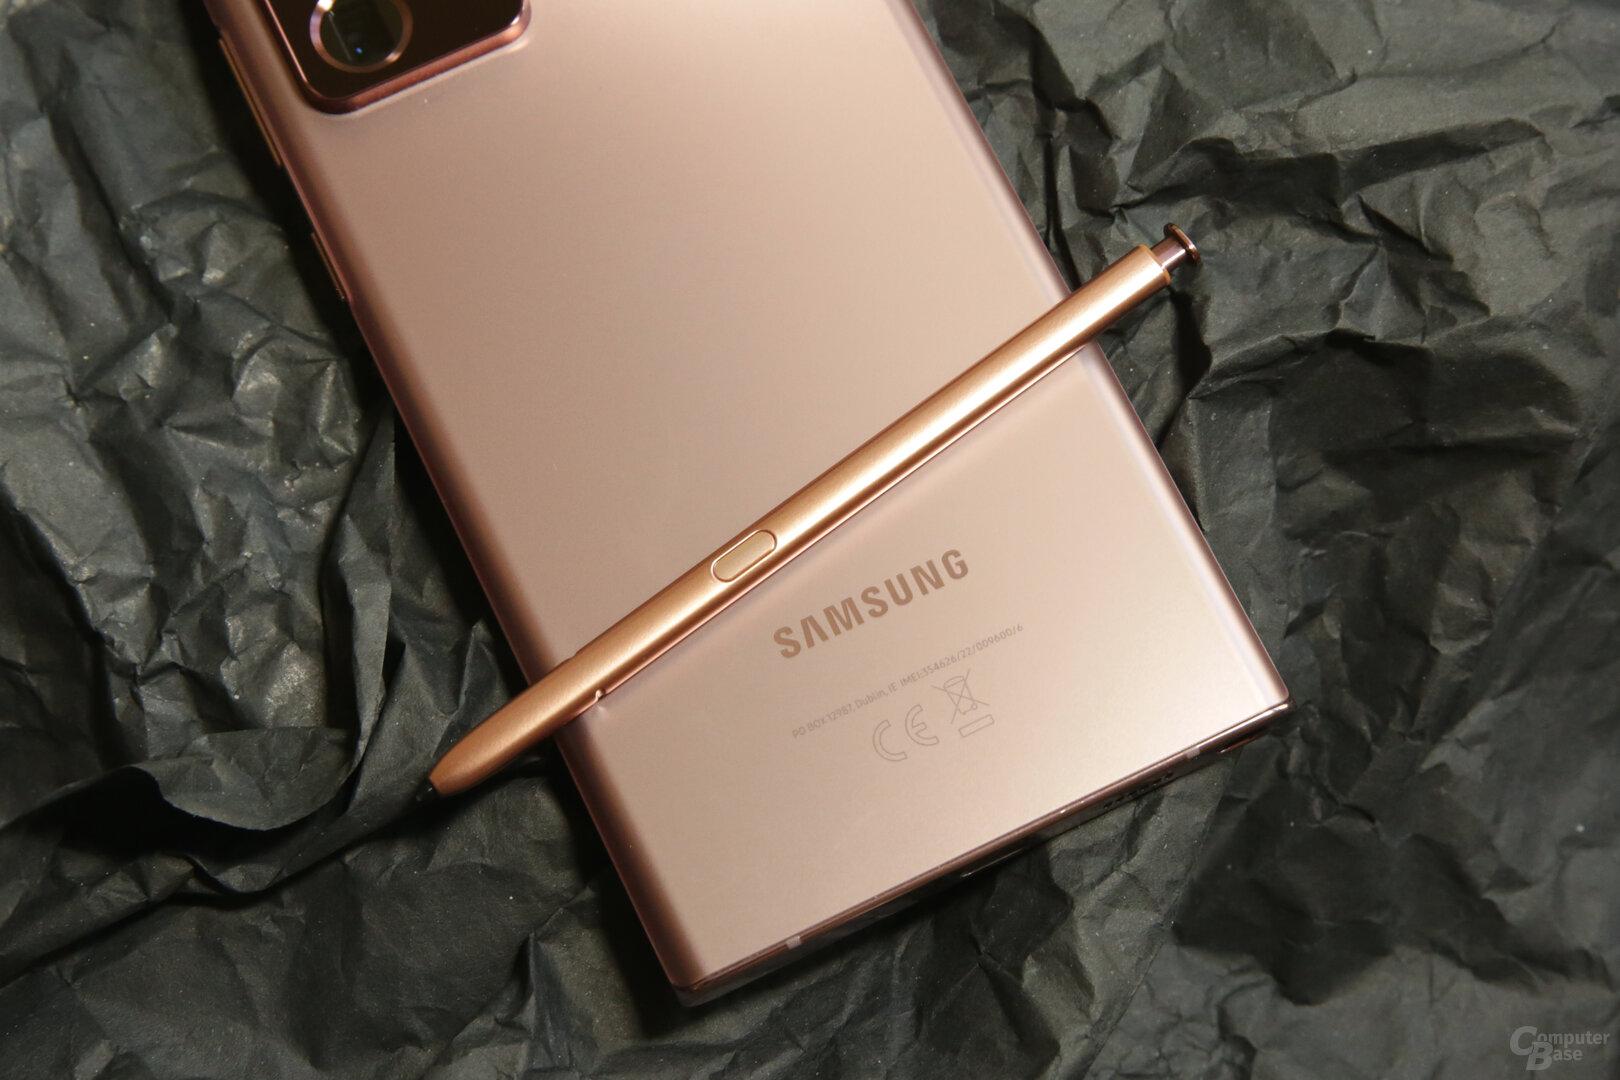 S Pen im Design des Smartphones